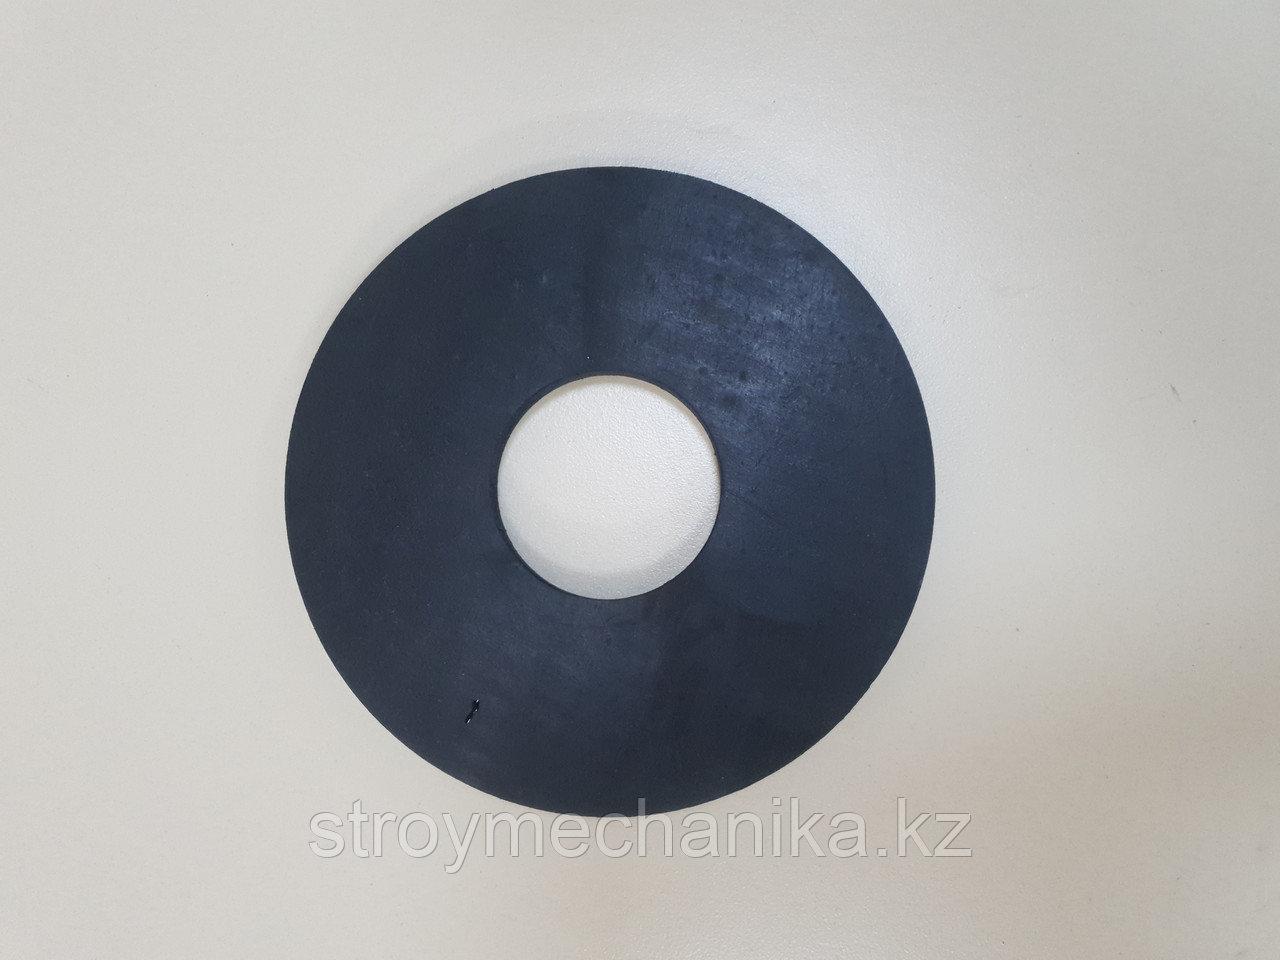 Уплотнение резиновое вала на пневмонагнетатель СО-241